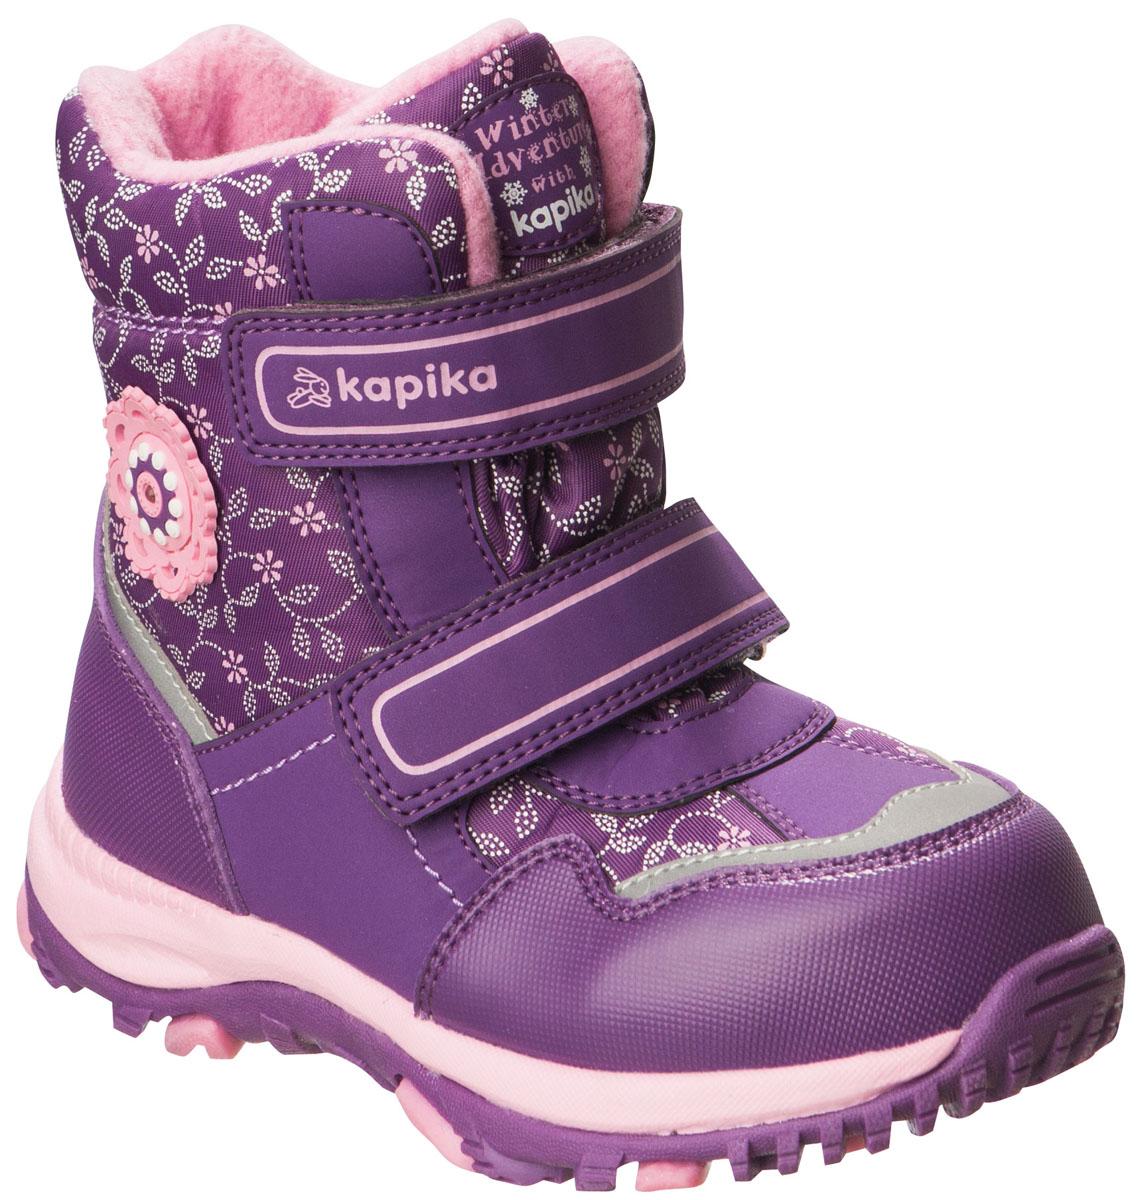 Ботинки41180-1Легкие, удобные и теплые ботинки от Kapika выполнены из мембранных материалов и искусственной кожи. Два ремешка на застежках-липучках надежно фиксируют изделие на ноге. Мягкая подкладка и стелька из шерсти обеспечивают тепло, циркуляцию воздуха и сохраняют комфортный микроклимат в обуви. Подошва с протектором гарантирует идеальное сцепление с любыми поверхностями. Идеальная зимняя обувь для активных детей. Модель большемерит на 1 размер.